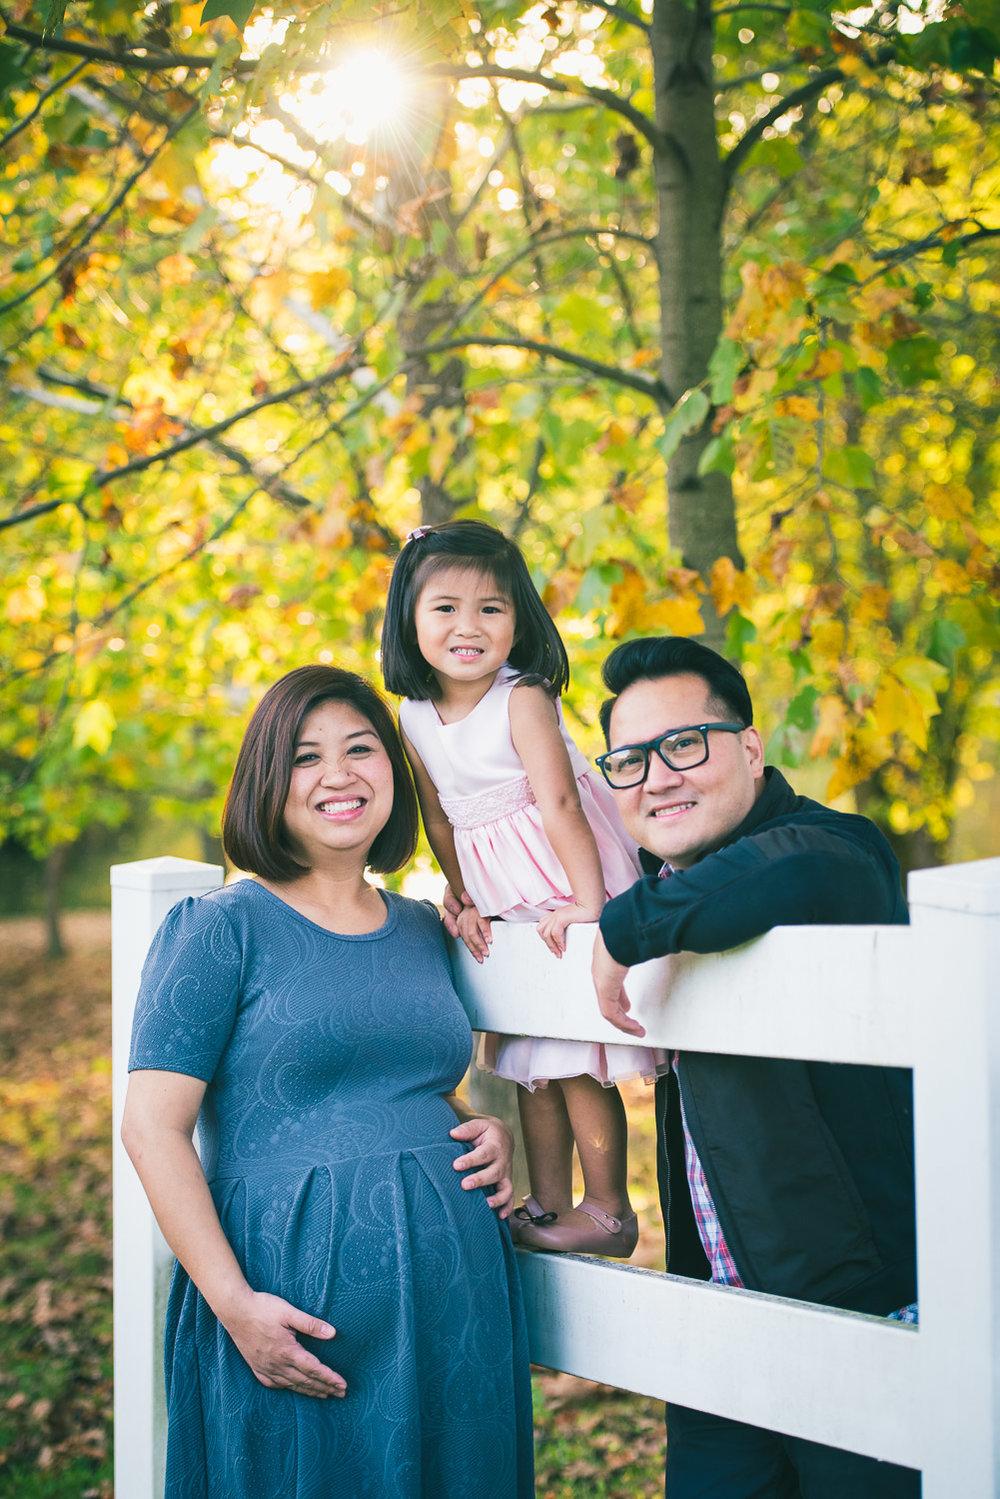 20171022 - Shiela Family LR-27.jpg